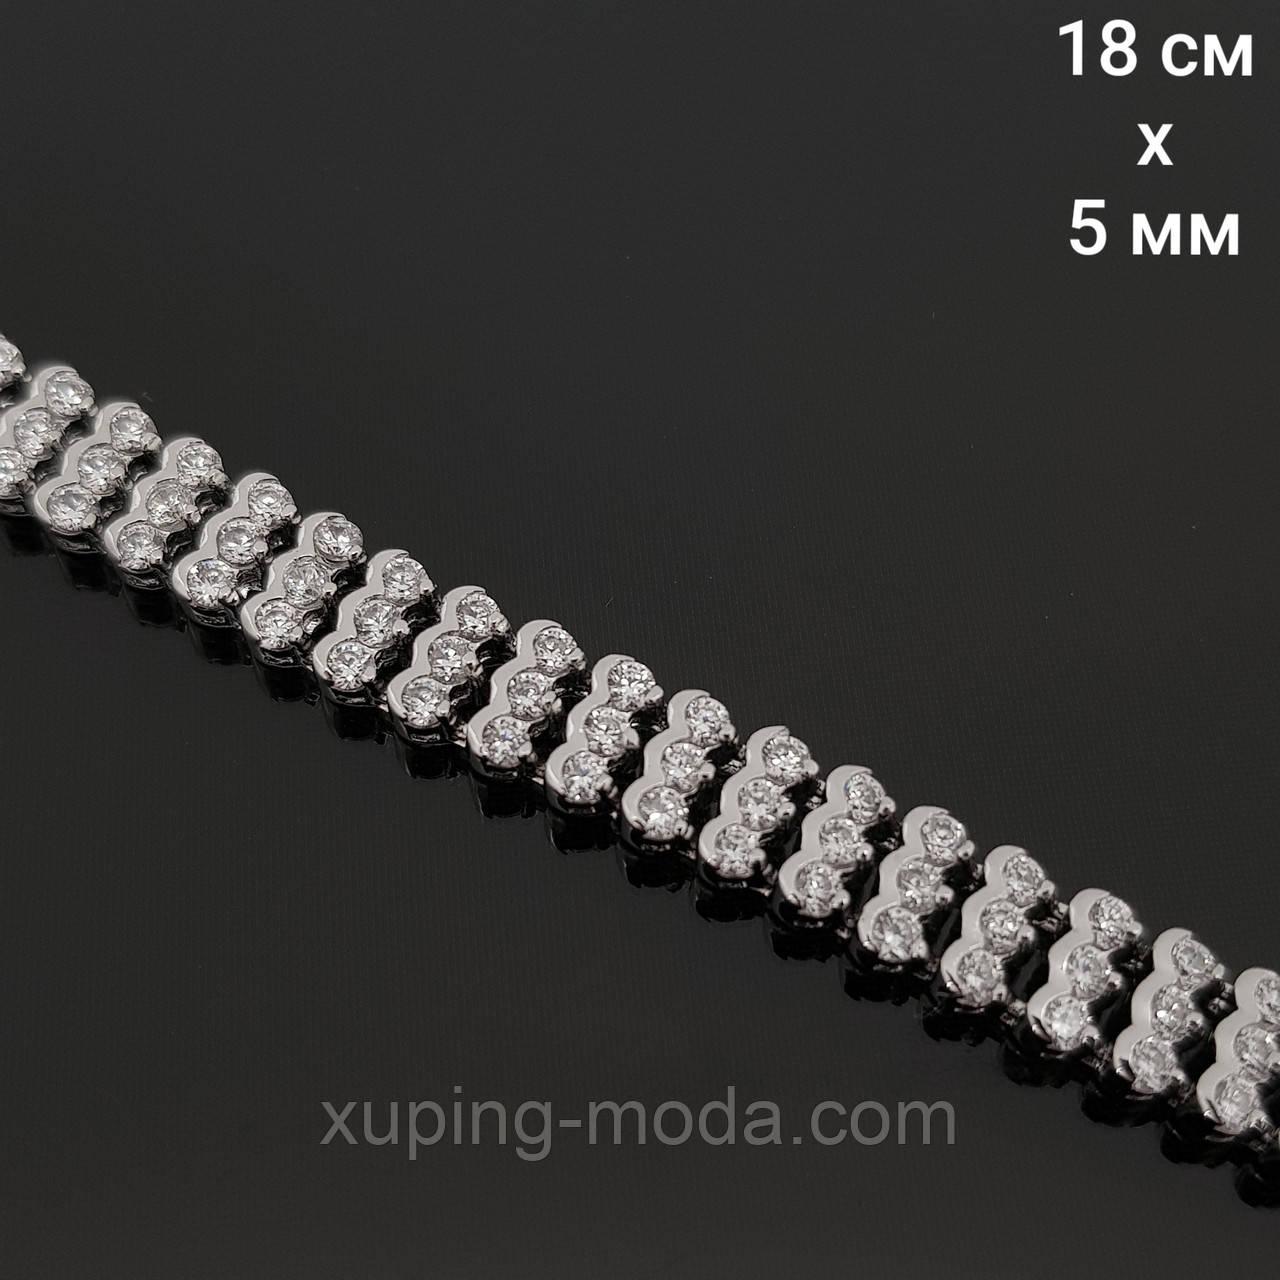 Браслет с камнями сваровски. Красивые браслеты